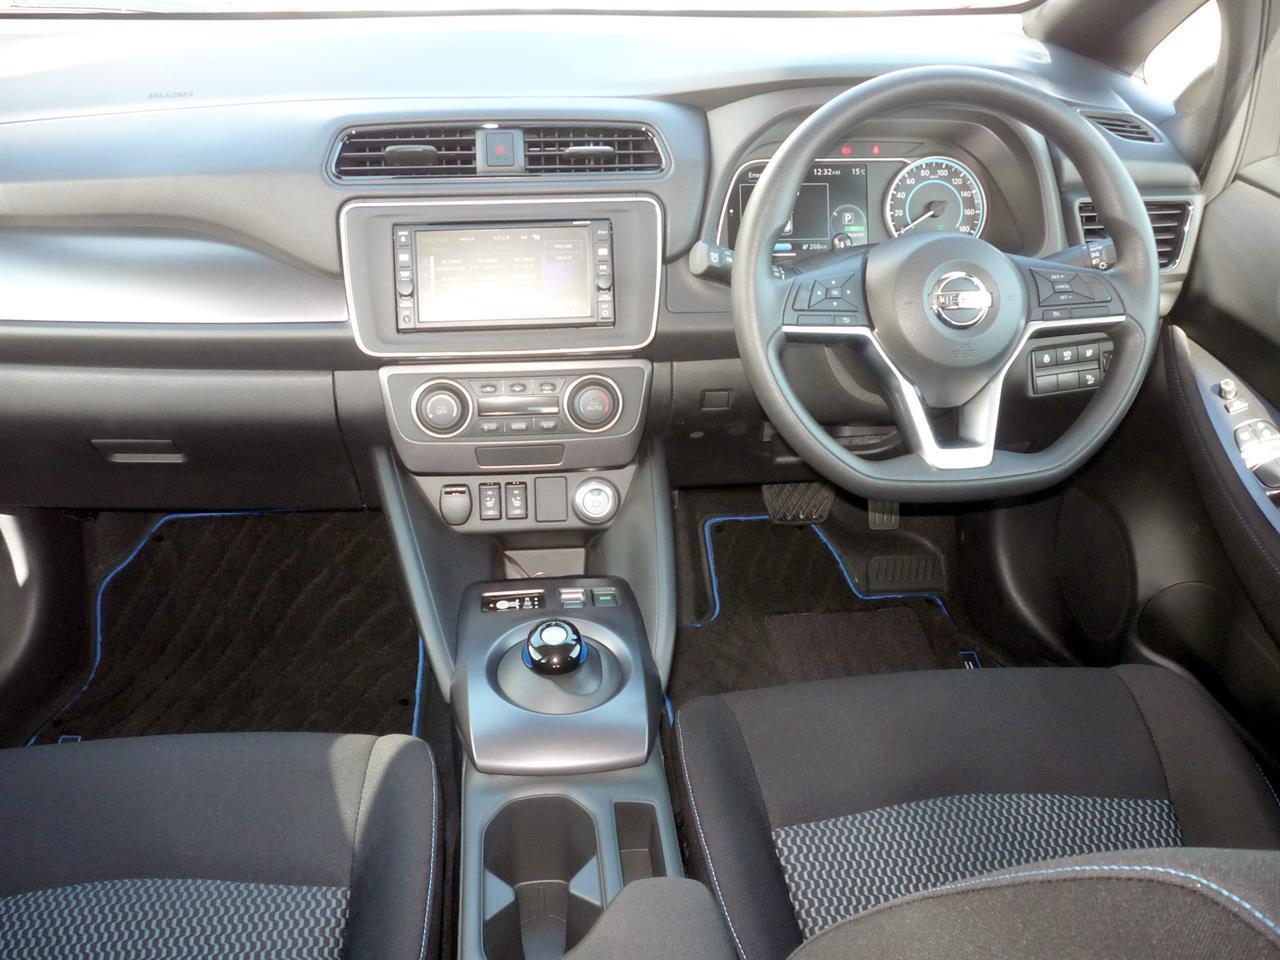 image-2, 2018 Nissan Leaf 40S (SOH 95.66%) at Dunedin